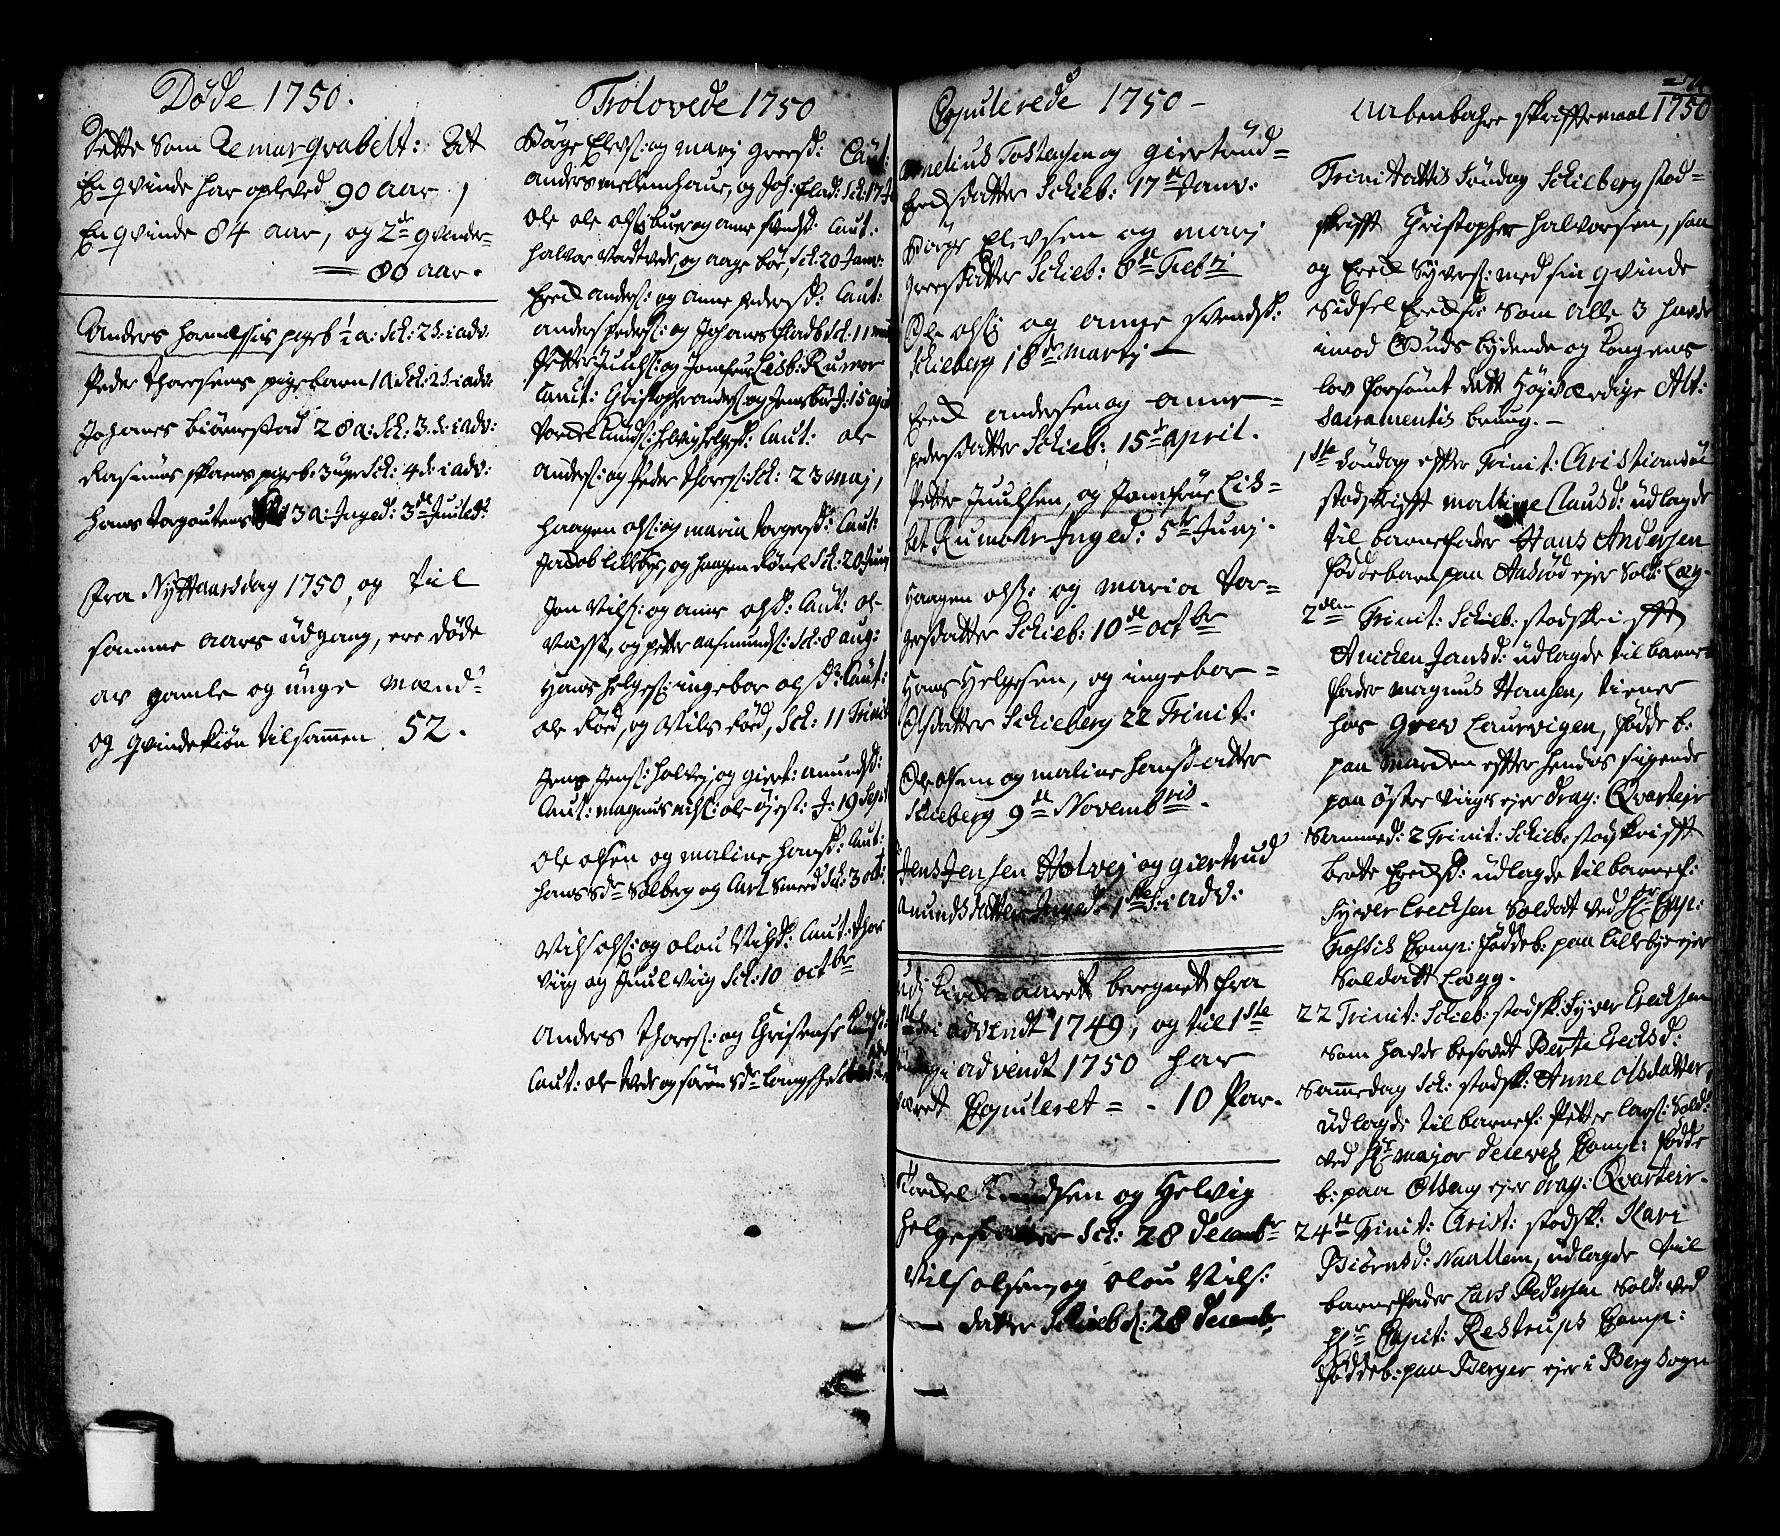 SAO, Skjeberg prestekontor Kirkebøker, F/Fa/L0002: Ministerialbok nr. I 2, 1726-1791, s. 74